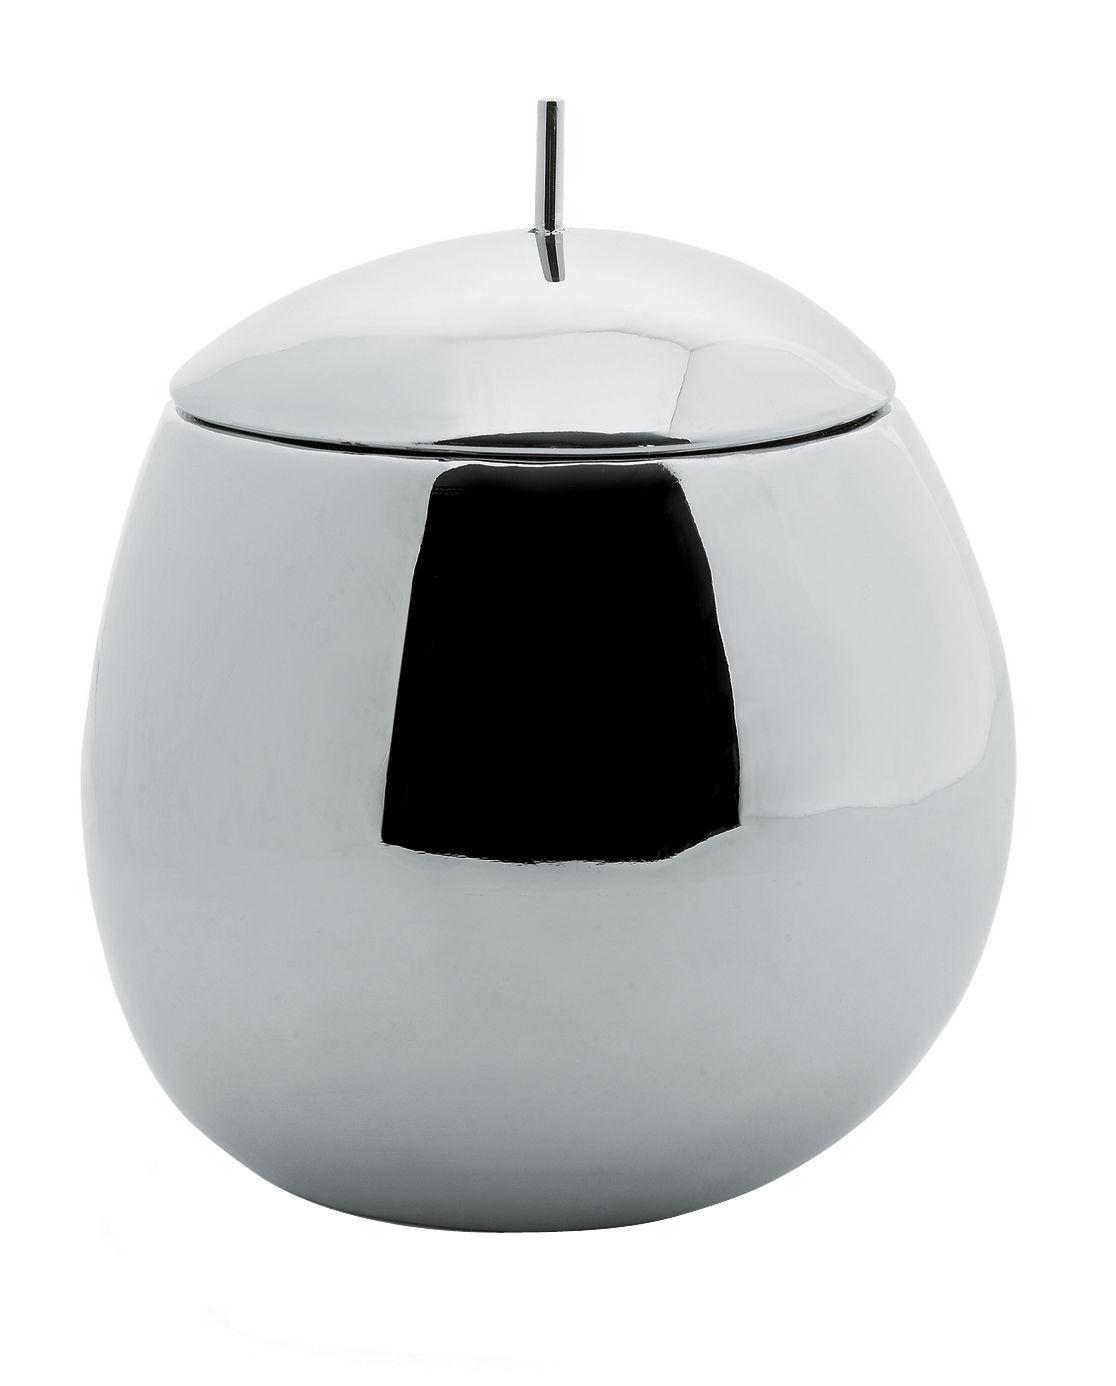 Tischkultur - Boxen und Töpfe - Fruit basket Schachtel - Alessi - 100 cl. - rostfreier Stahl